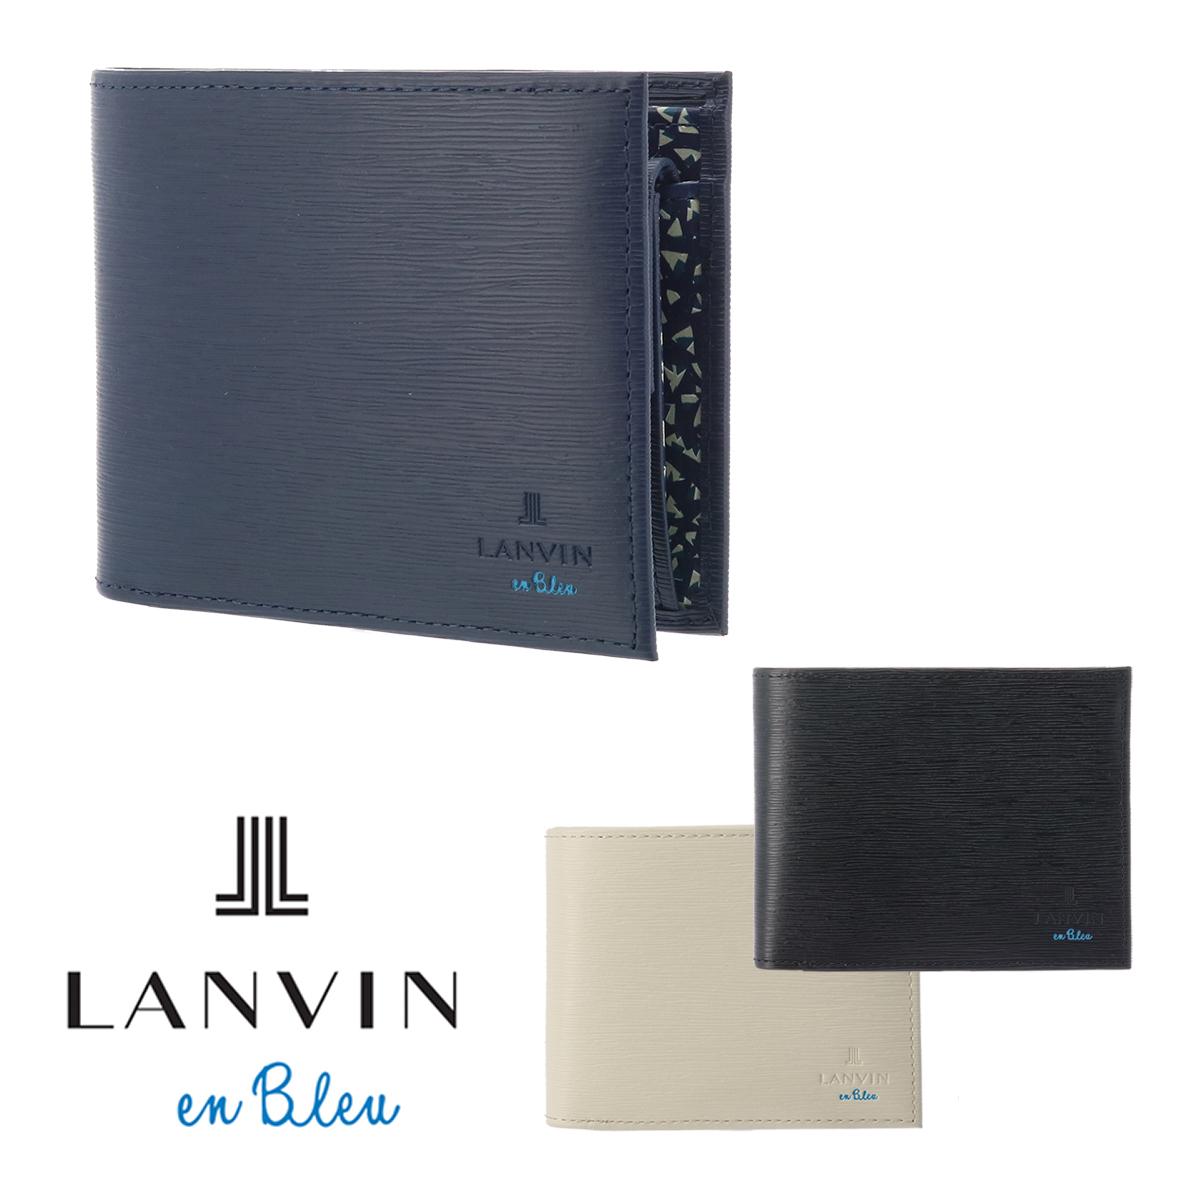 ランバンオンブルー 二つ折り財布 メンズ バンパーカー 569603 本革 レザー LANVIN en Bleu ブランド専用BOX付き[bef]